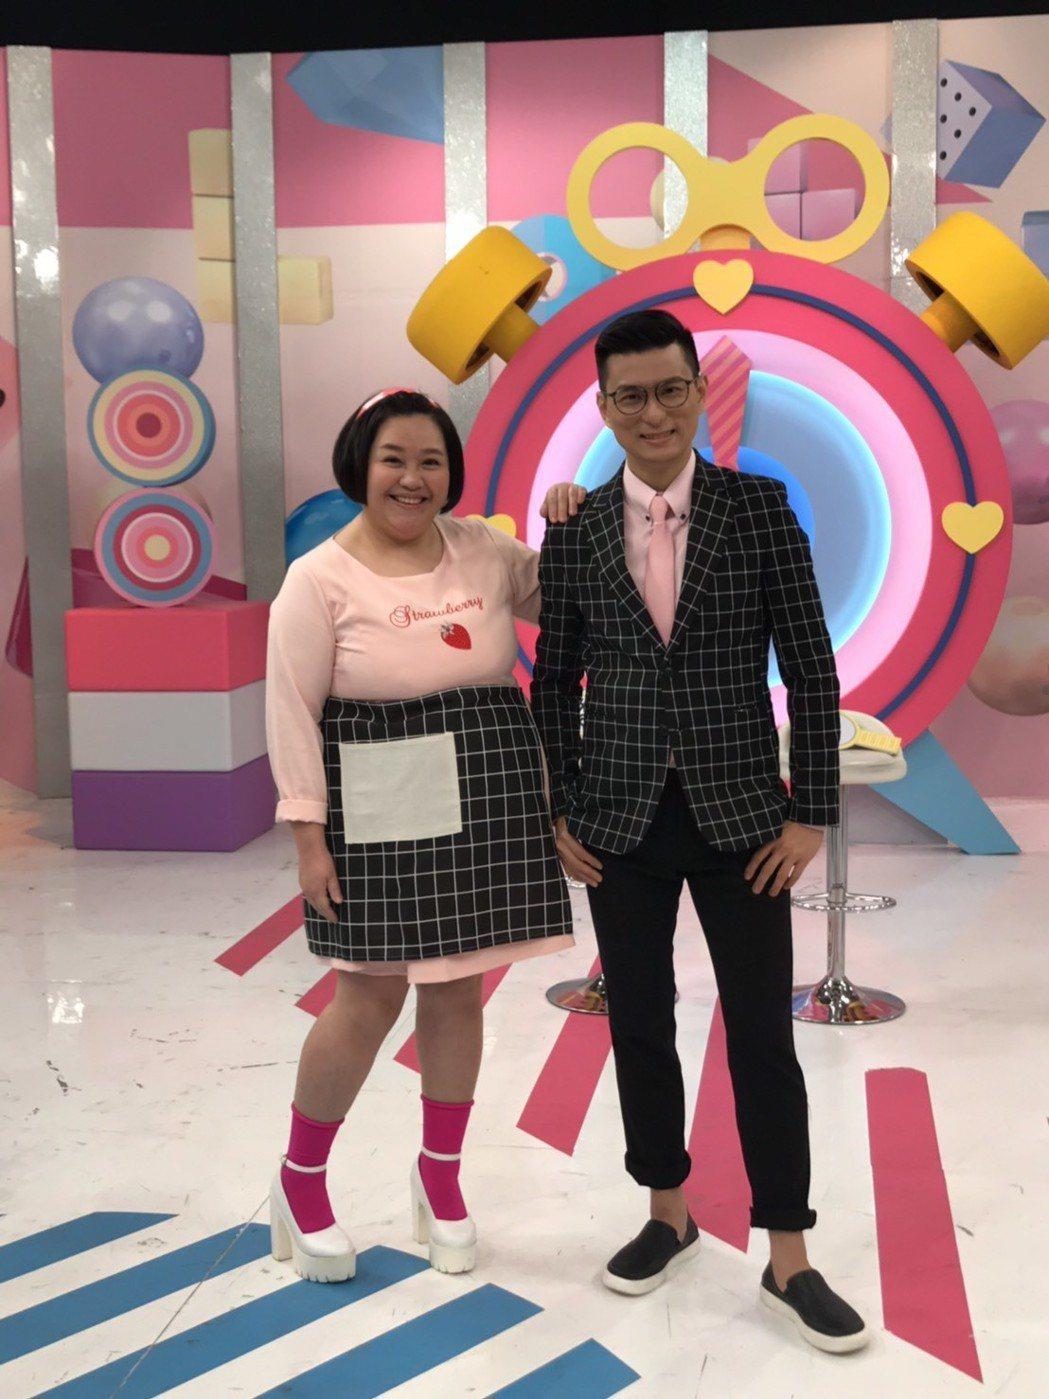 黃瑽寧(右)和鍾欣凌主持的東森「媽媽好神」節目改版。圖/東森提供